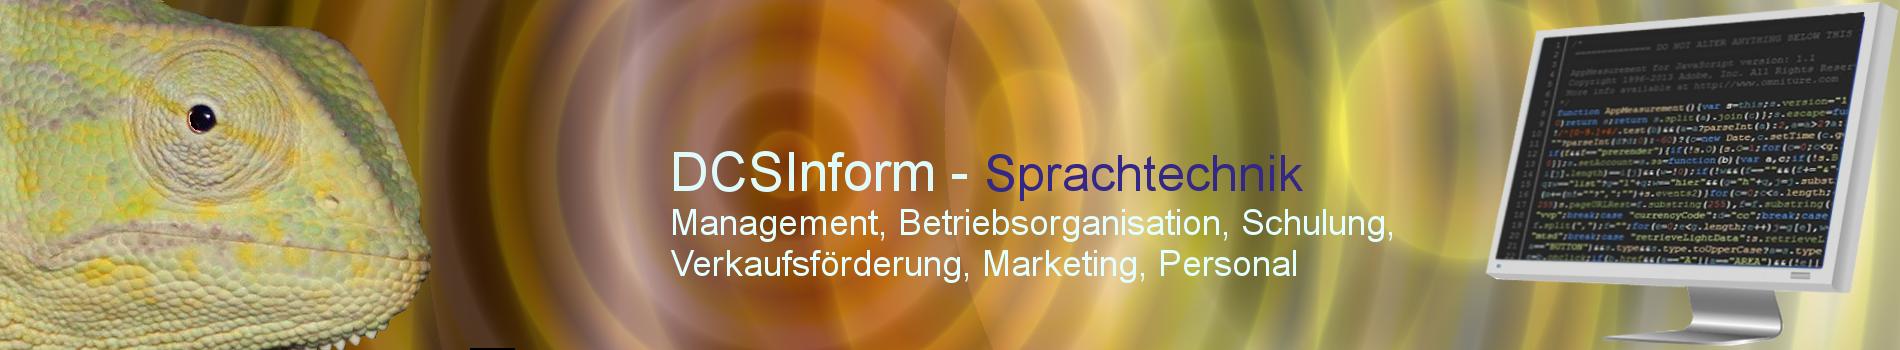 DCSInform - Sprachtechnik